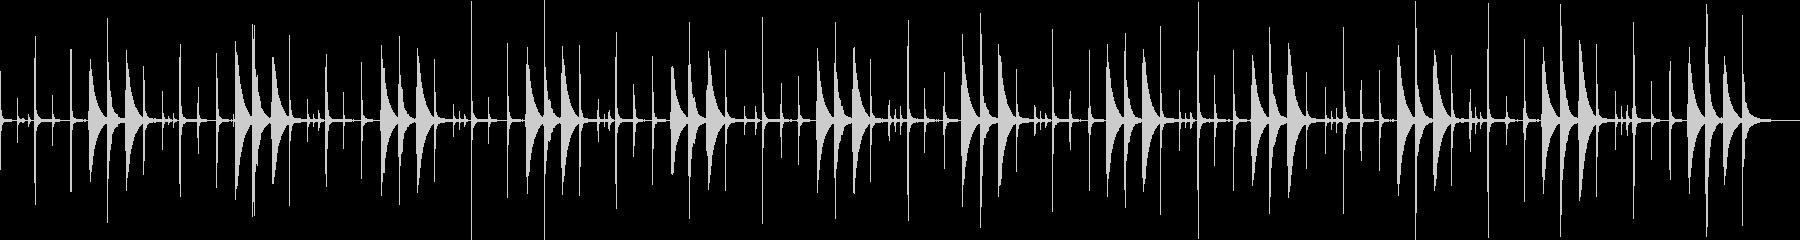 ラテンサルタリーパーカッショングロ...の未再生の波形